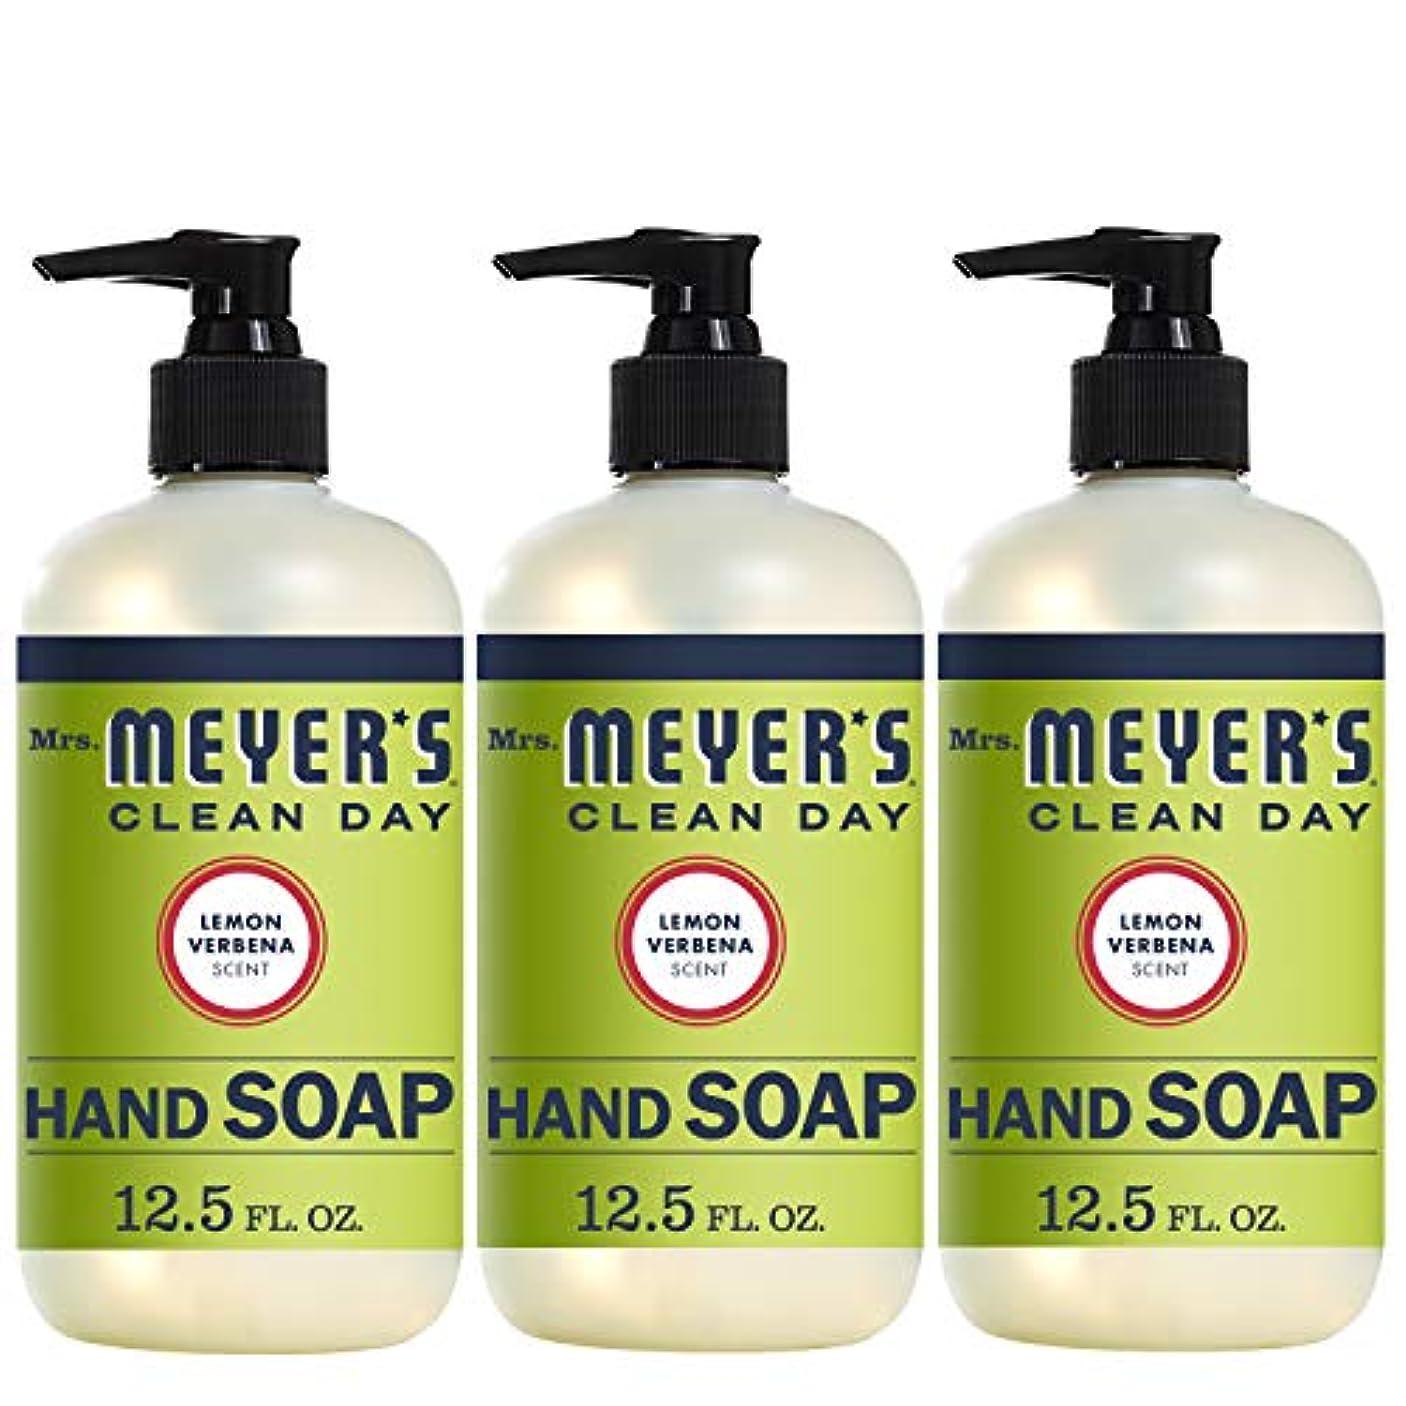 永久にシマウマ壁紙Mrs. Meyers Clean Day ハンドソープ レモン Verbena 12.5液量オンス